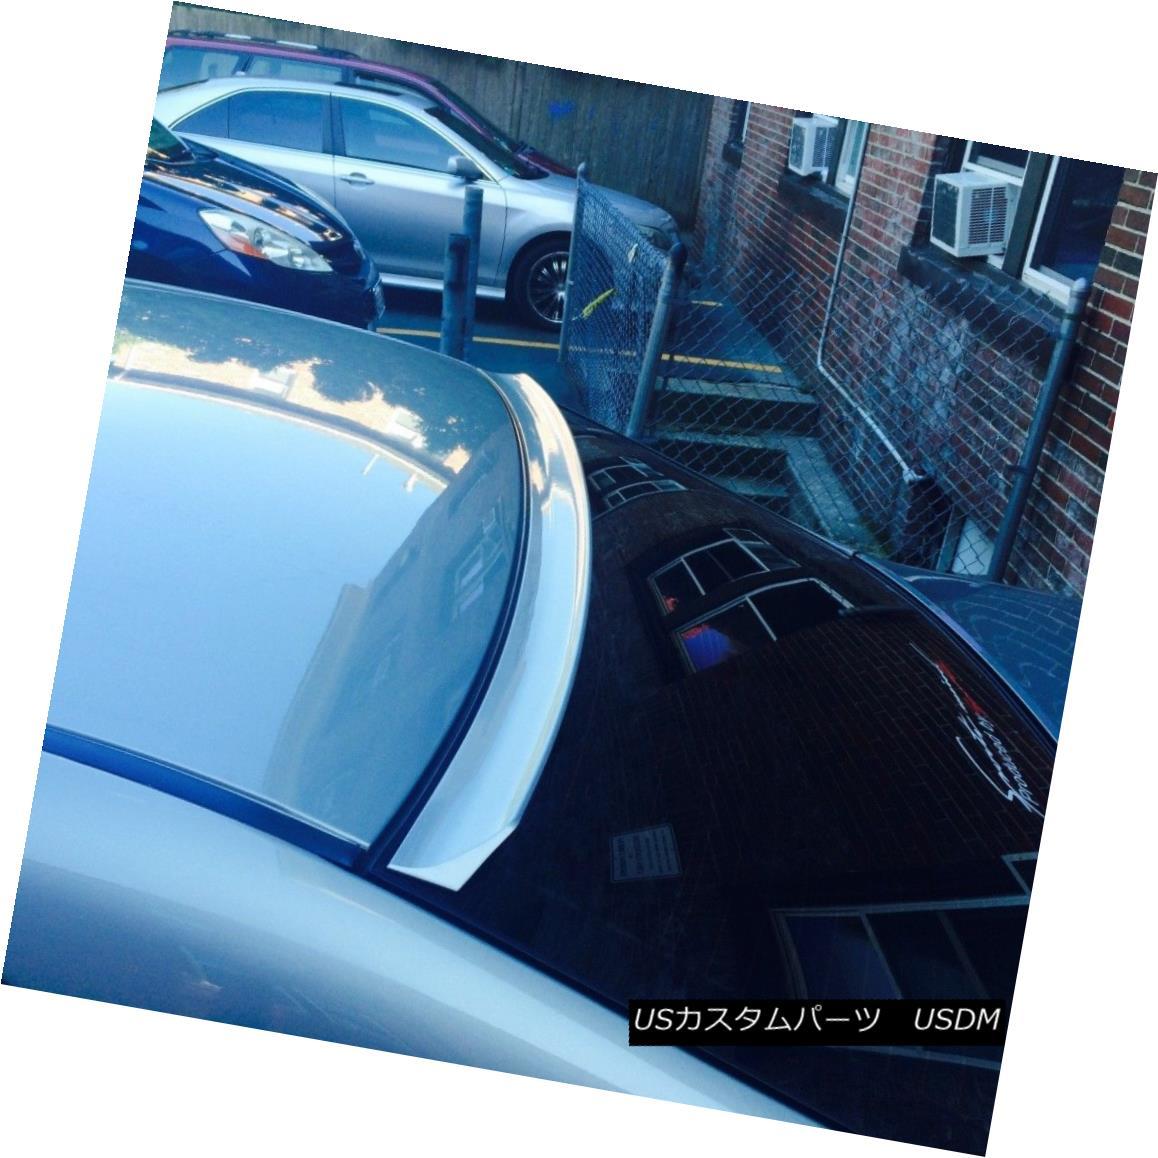 エアロパーツ Painted LRS Style Rear Roof Spoiler Wing For Dodge Avenger Sedan 2012 - 2014 ? ドッジアベンジャーセダン2012 - 2014のための塗装LRSスタイルのリアルーフスポイラーウィング?